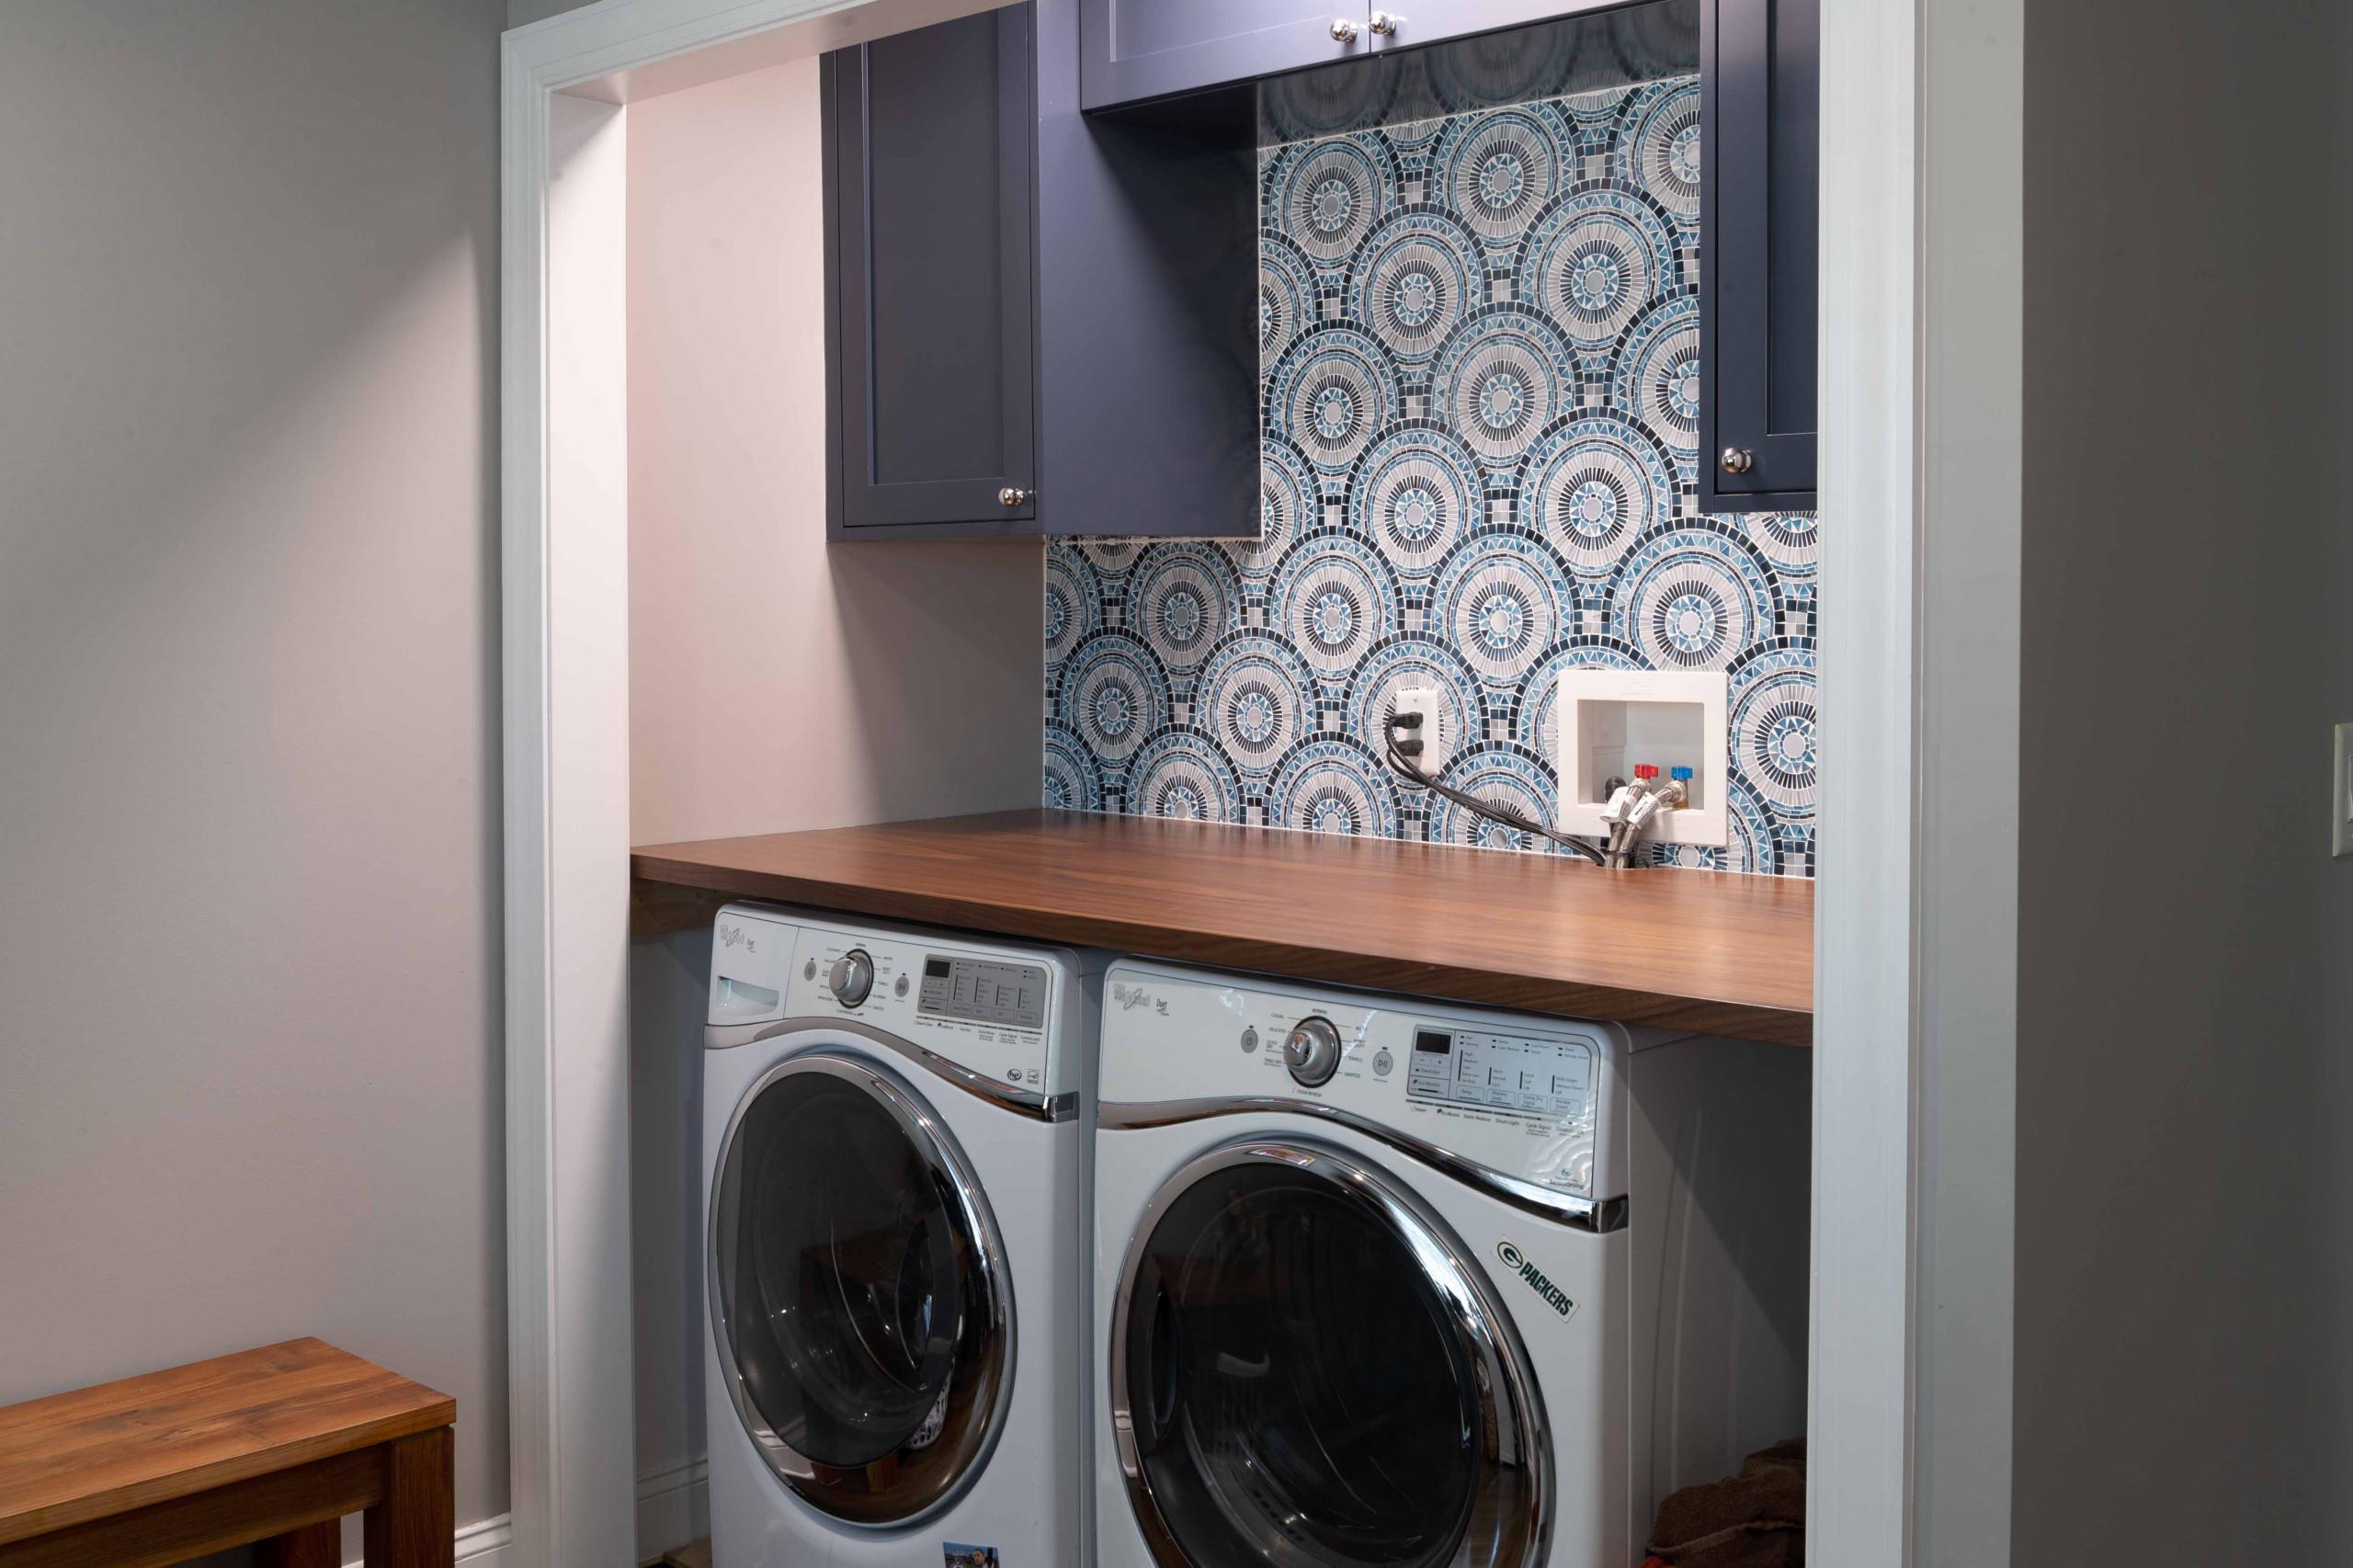 Cranbury Laundry Room